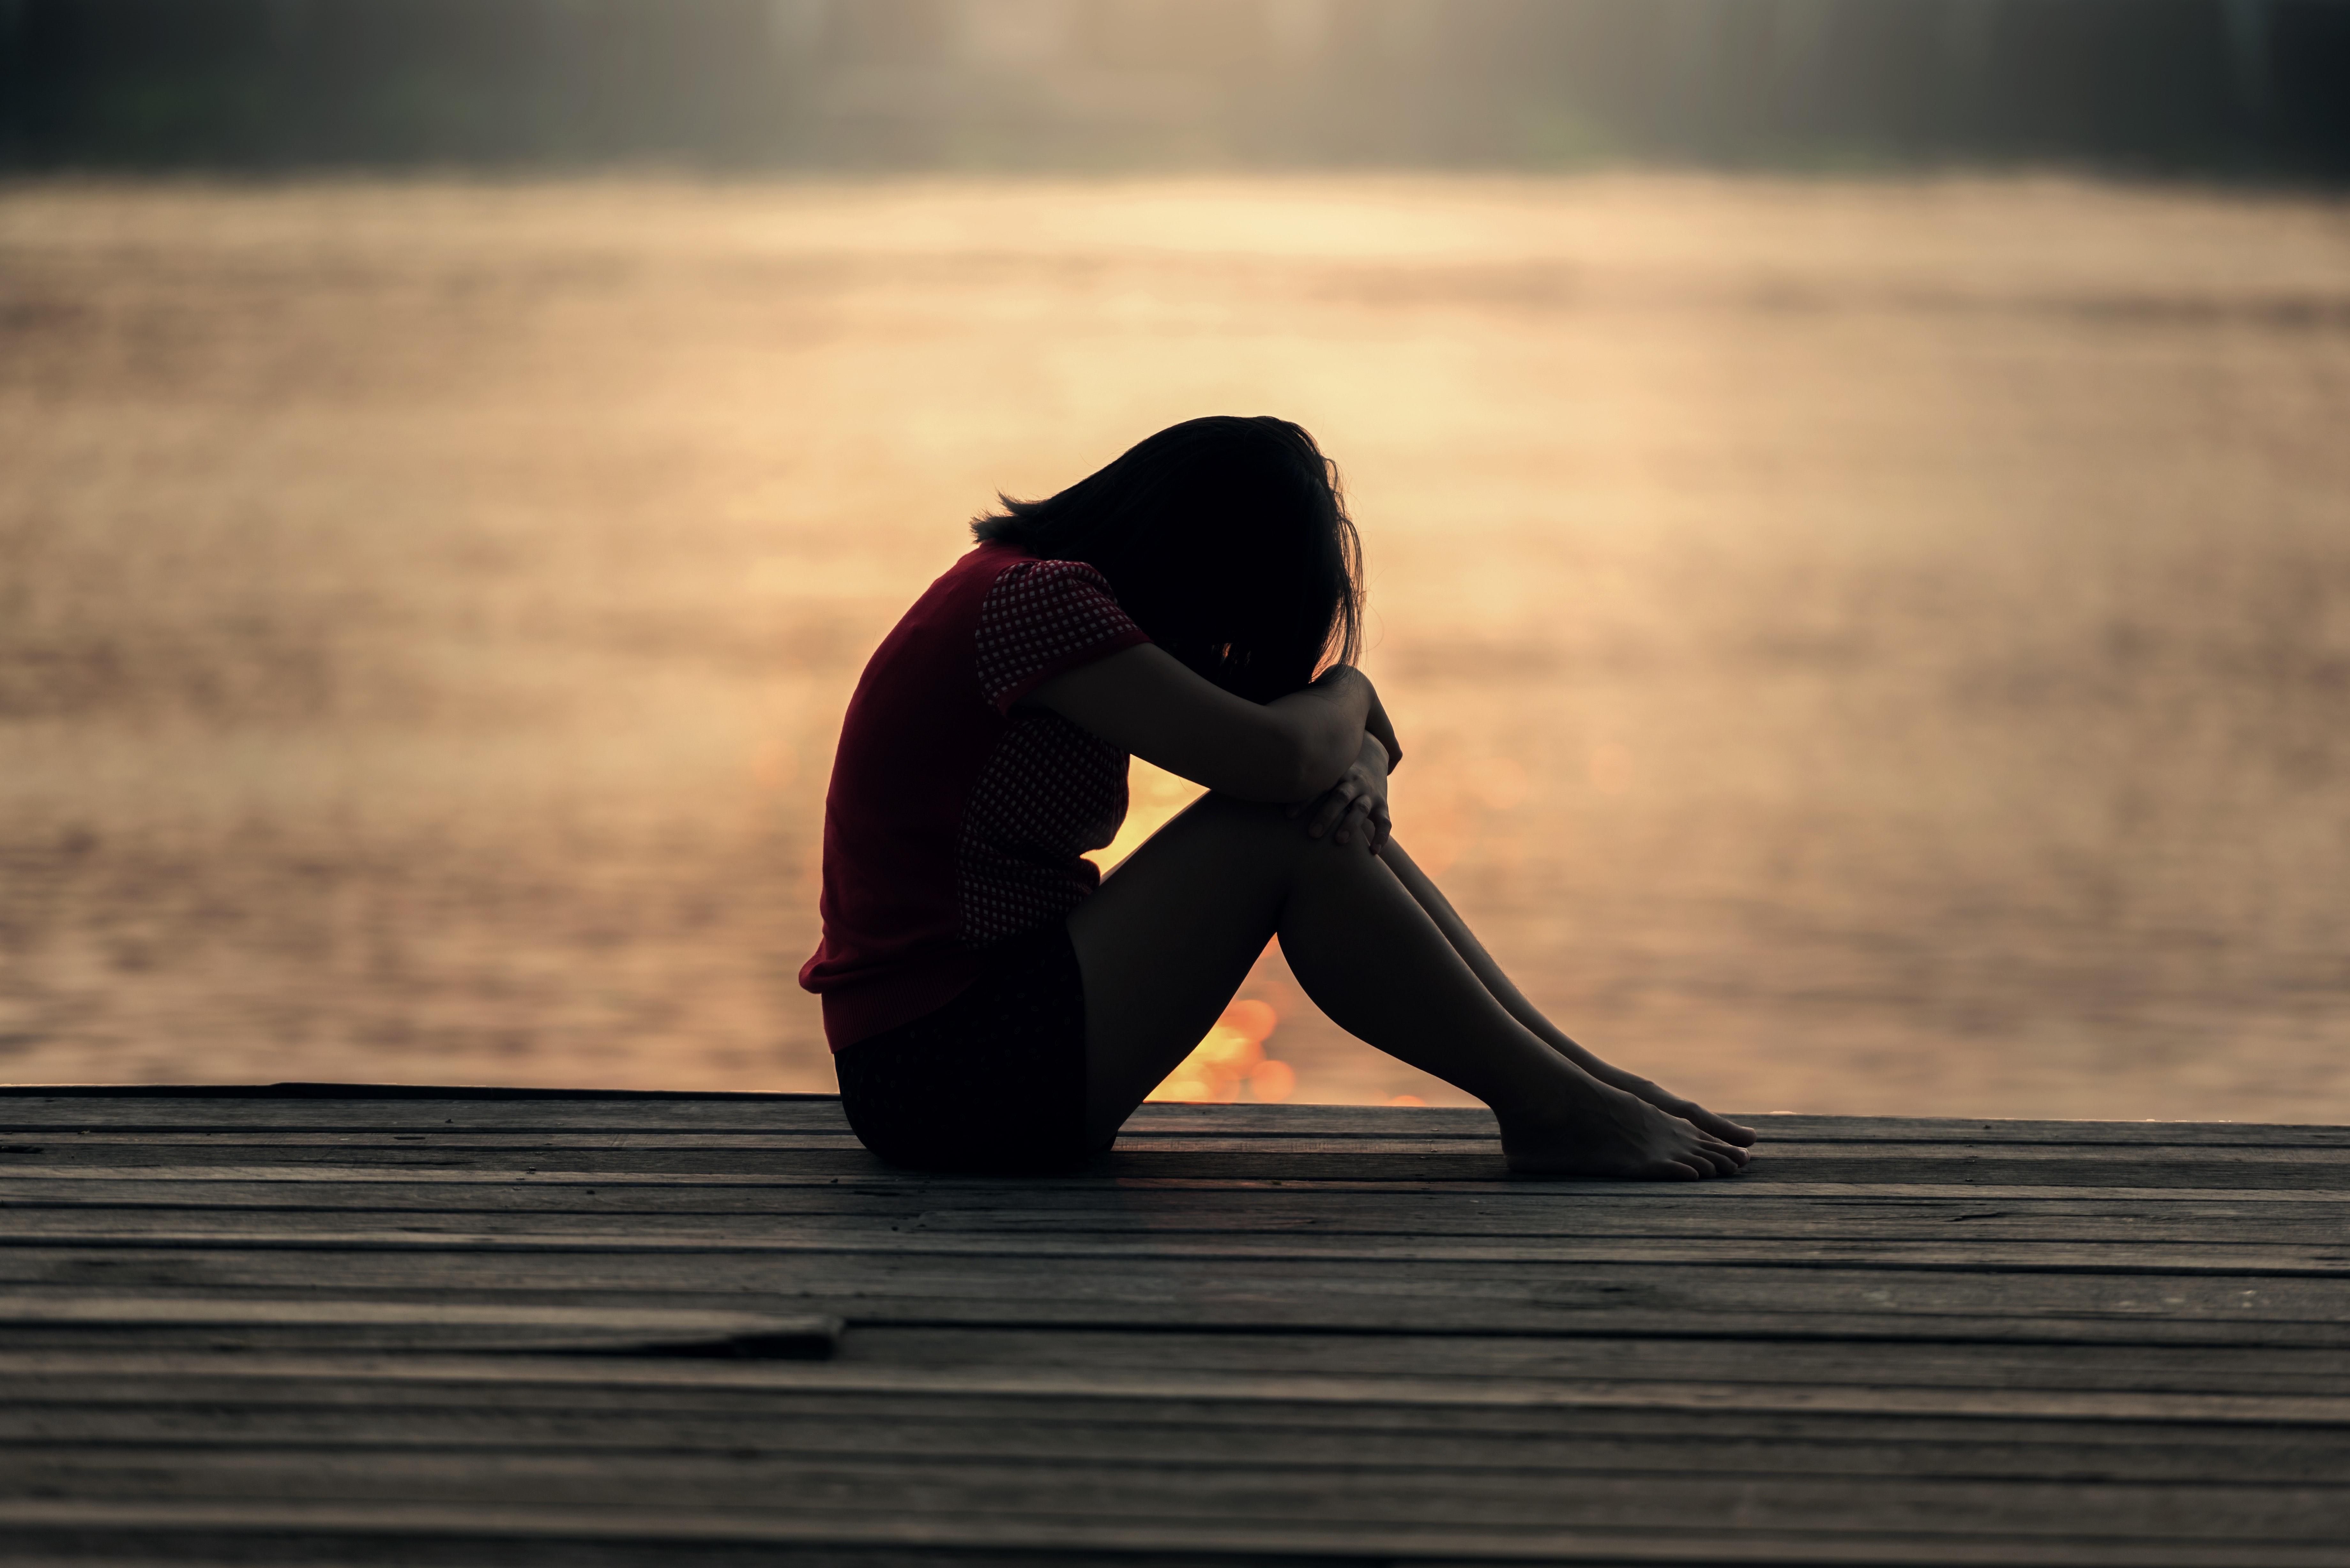 Картинки одиночество грусть печаль, картинки для лет